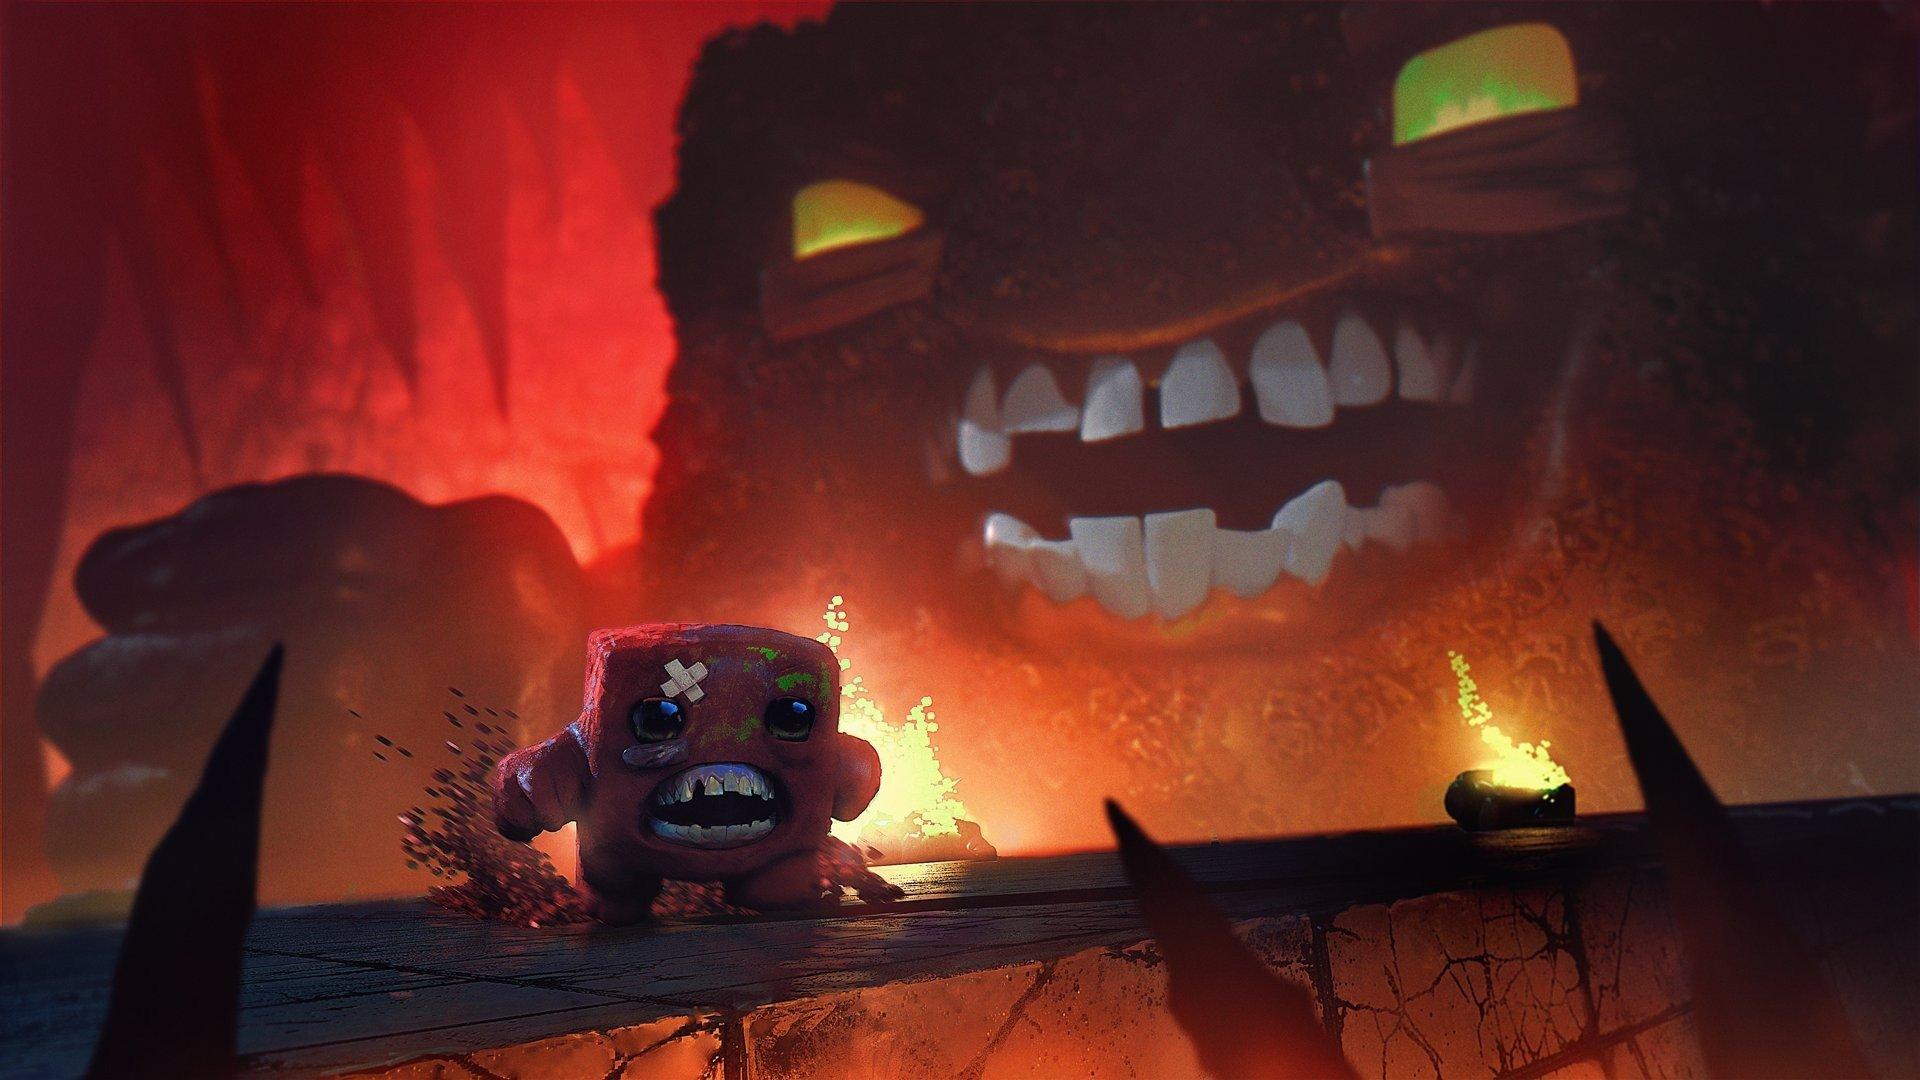 Super Meat Boy Hd Wallpaper - Super Meat Boy Art , HD Wallpaper & Backgrounds